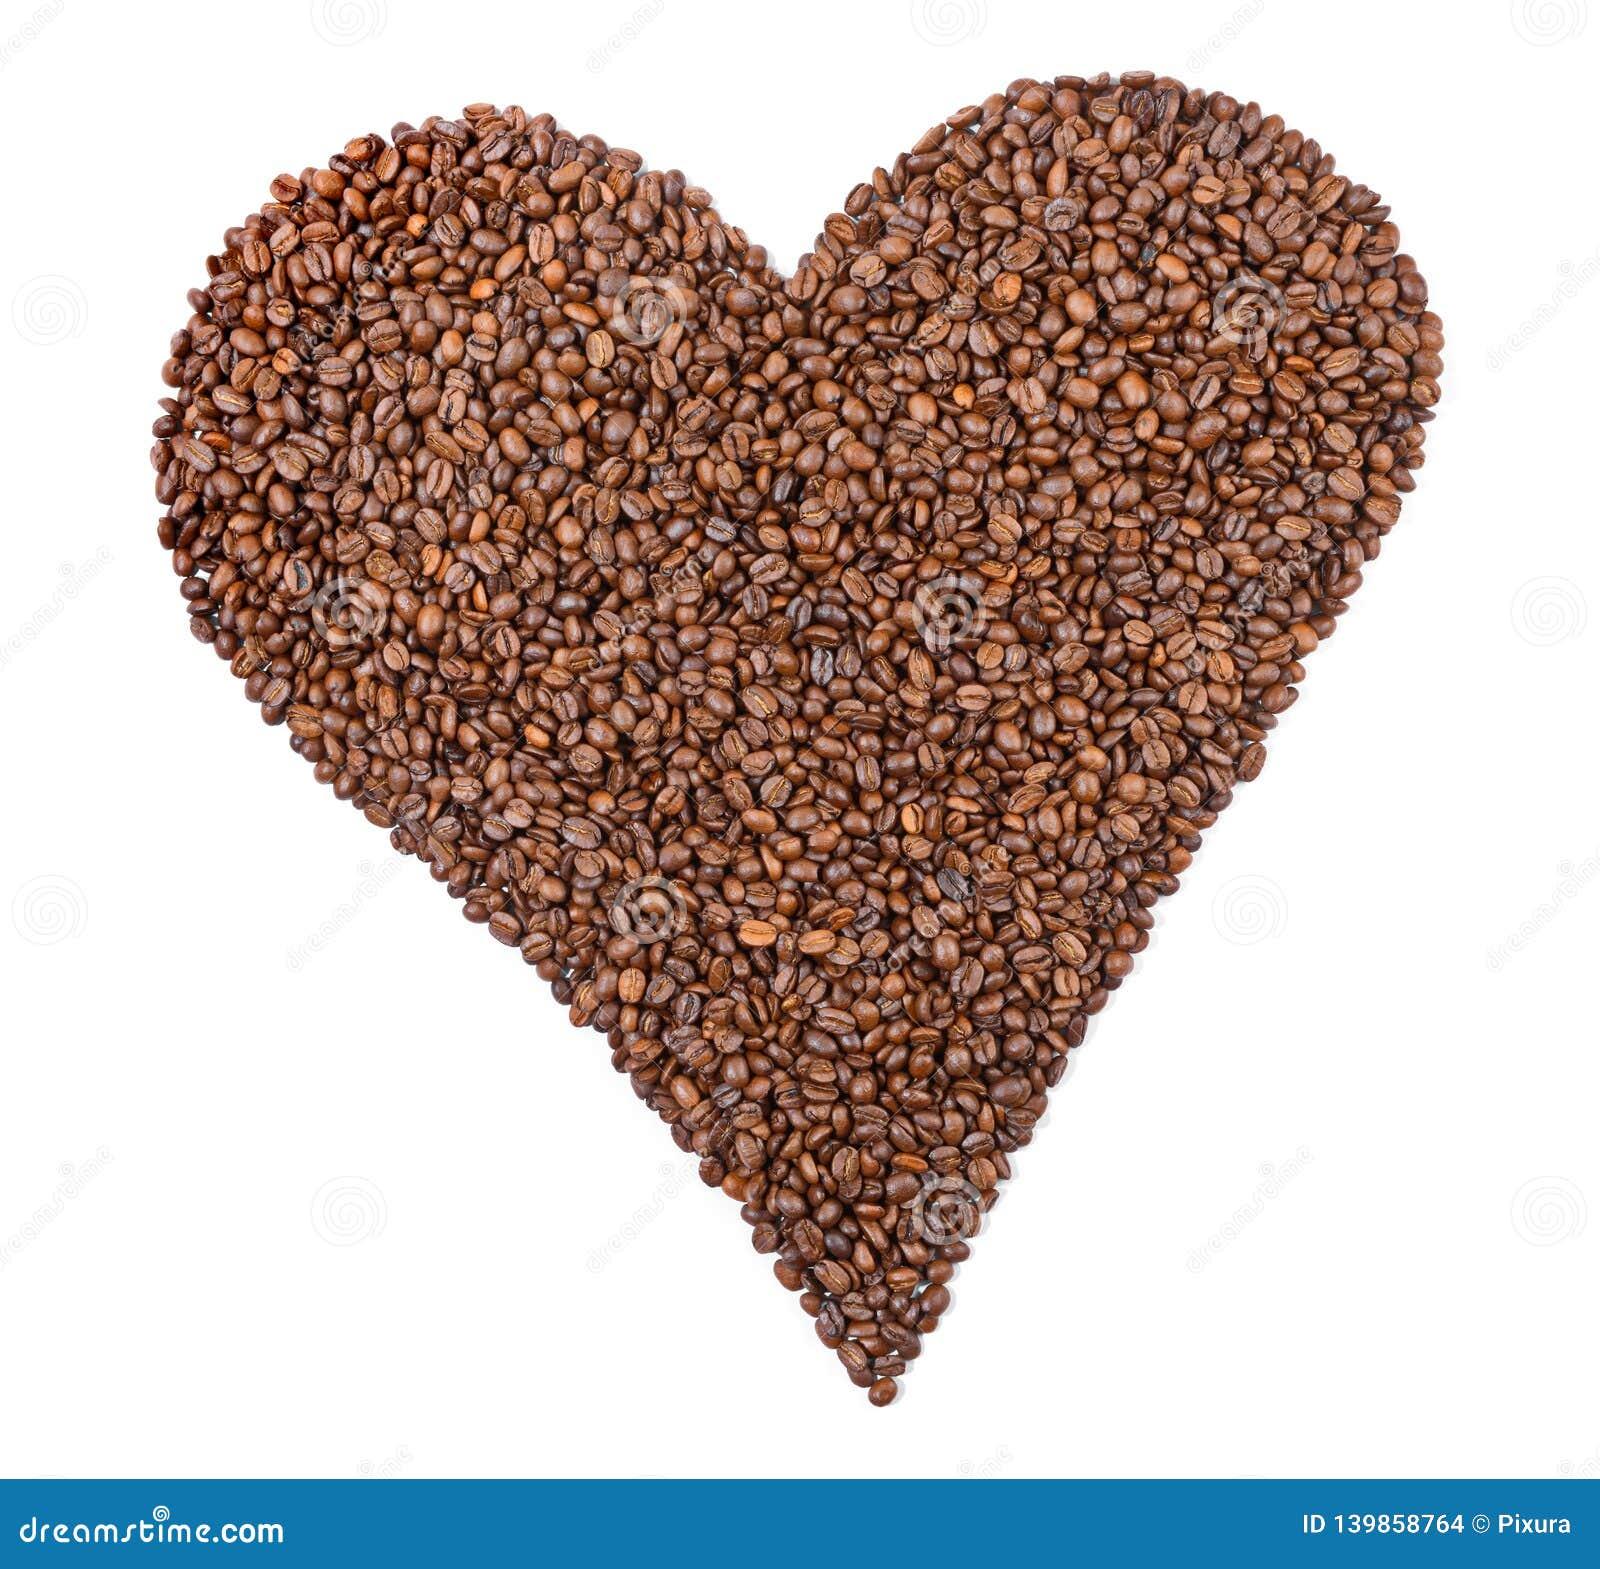 Kaffeebohnen - Herz-Form